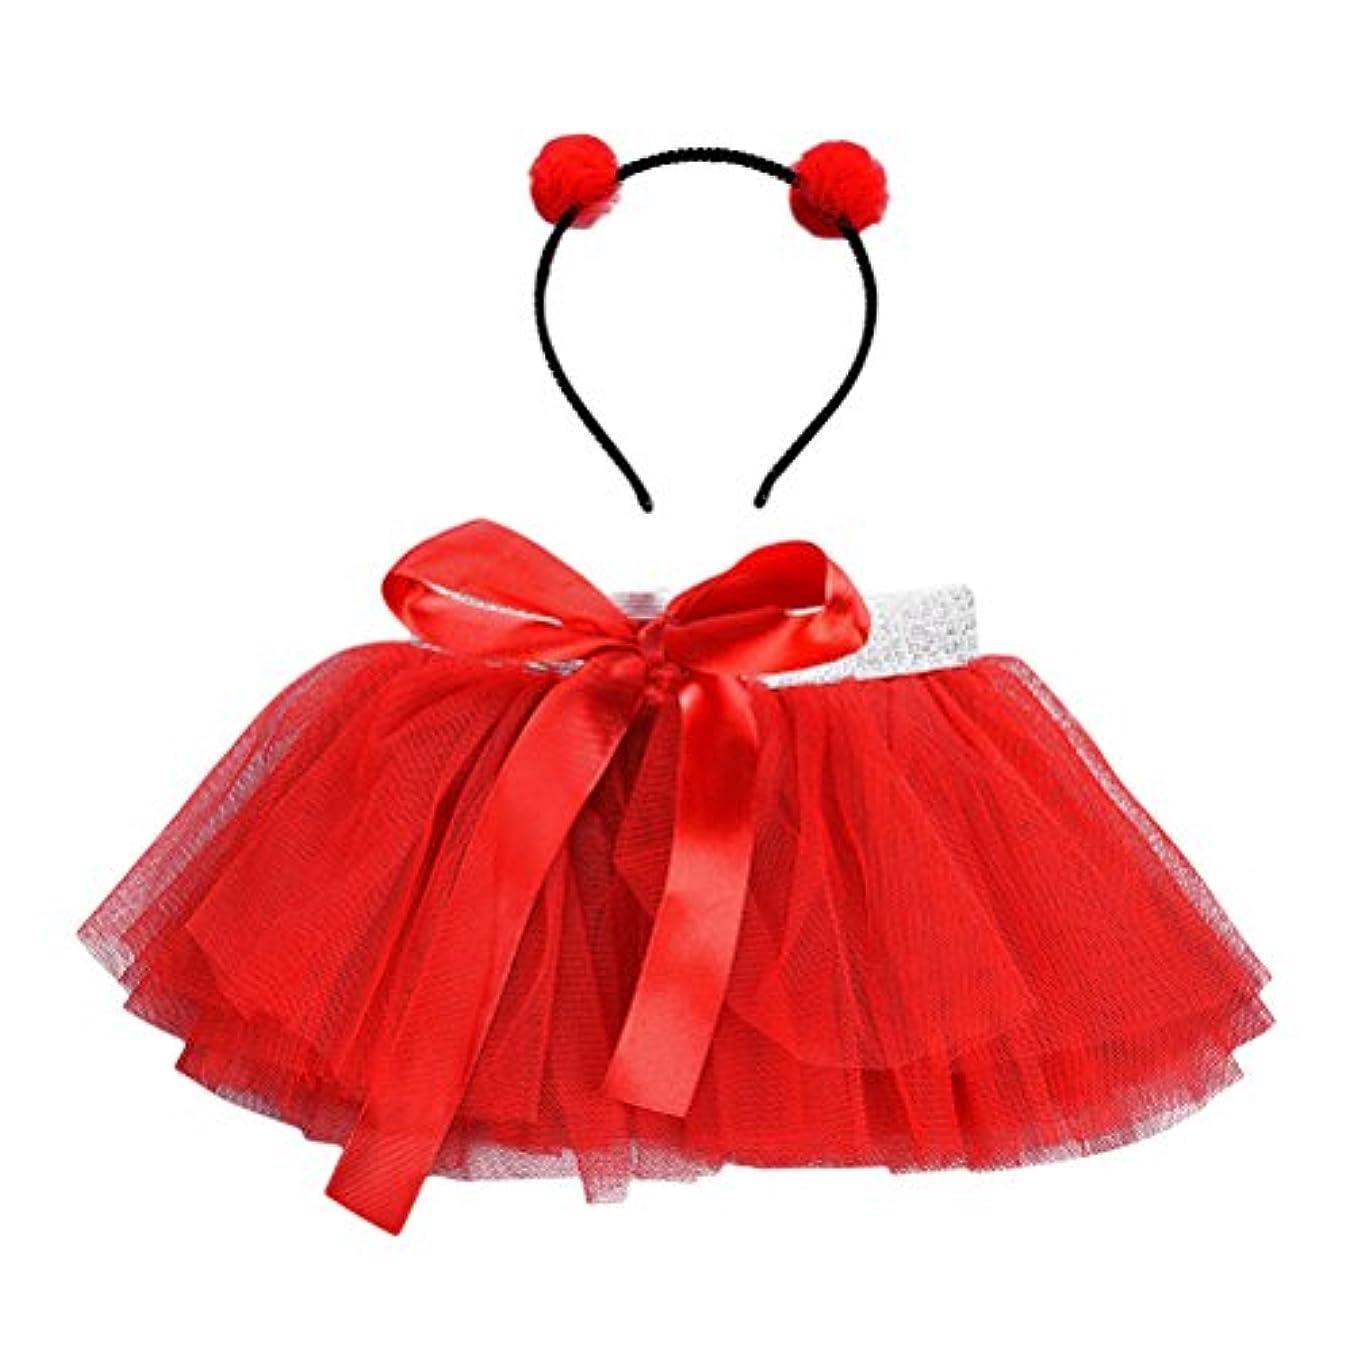 例有用防腐剤LUOEM 女の子TutuスカートセットヘッドバンドプリンセスガールTutuの服装赤ちゃん女の子Birthday Outfit Set(Red)